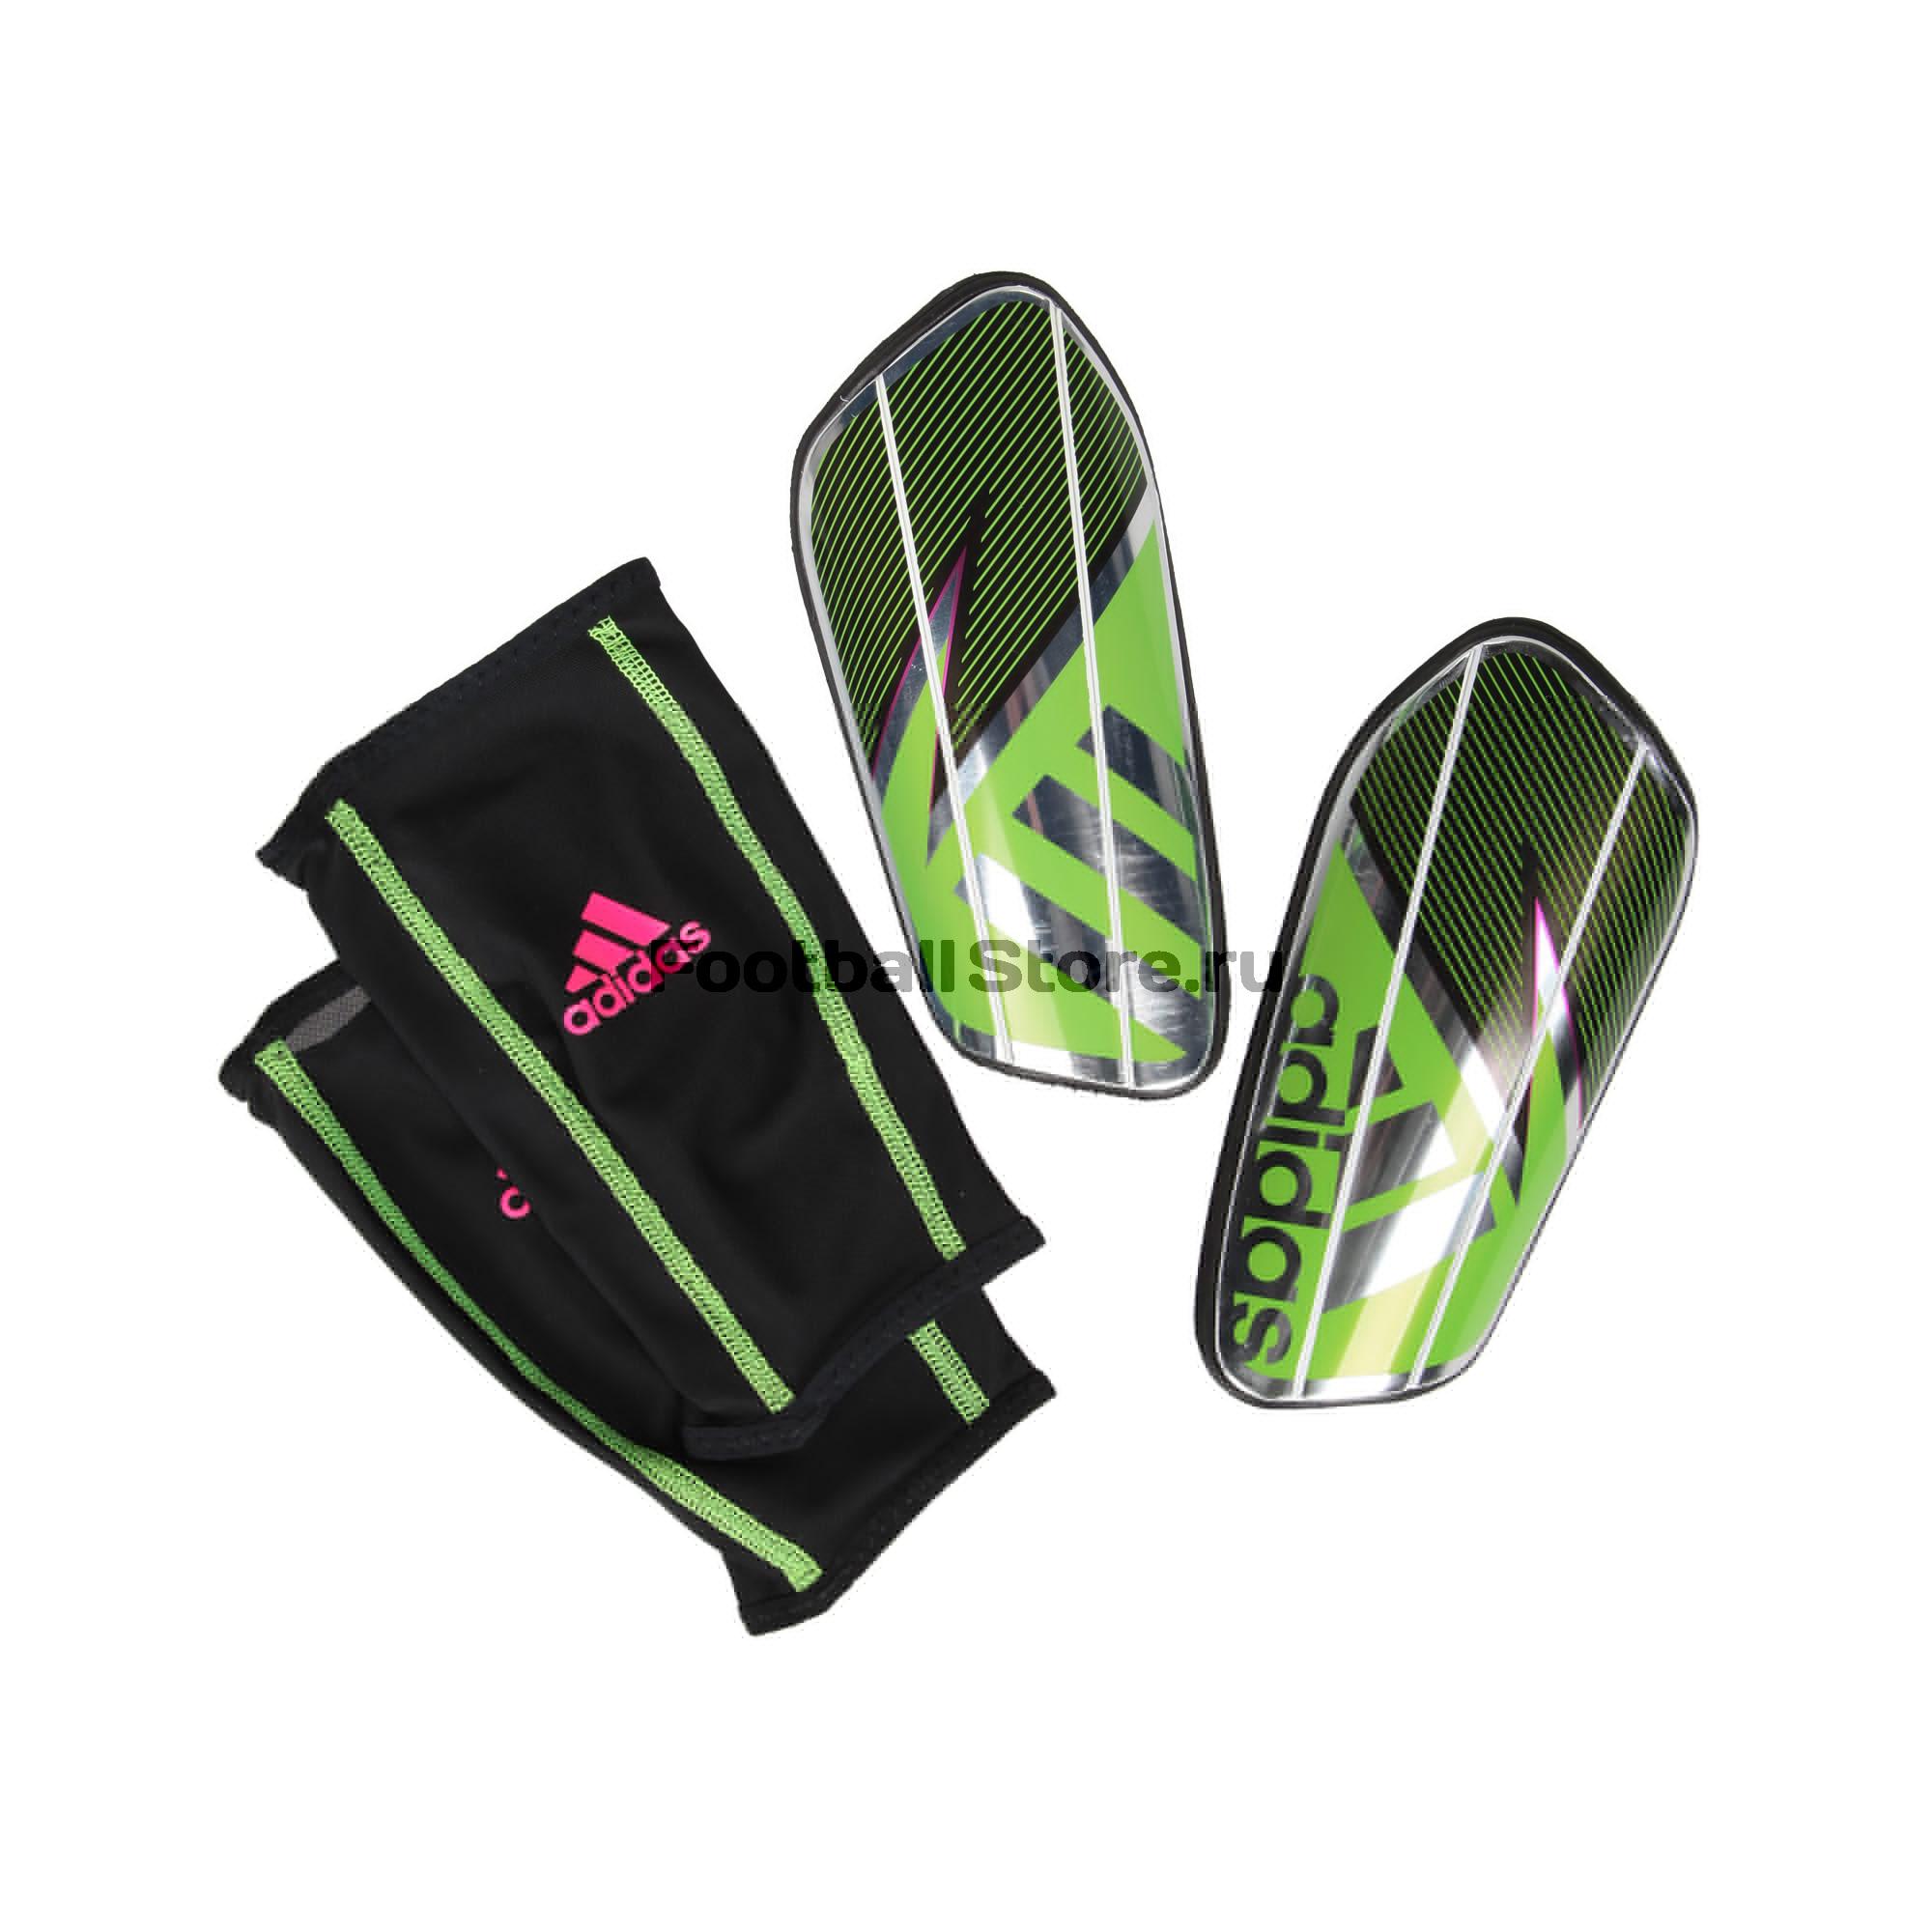 все цены на Защита ног Adidas Щитки футбольные adidas ghost pro AH7776 онлайн